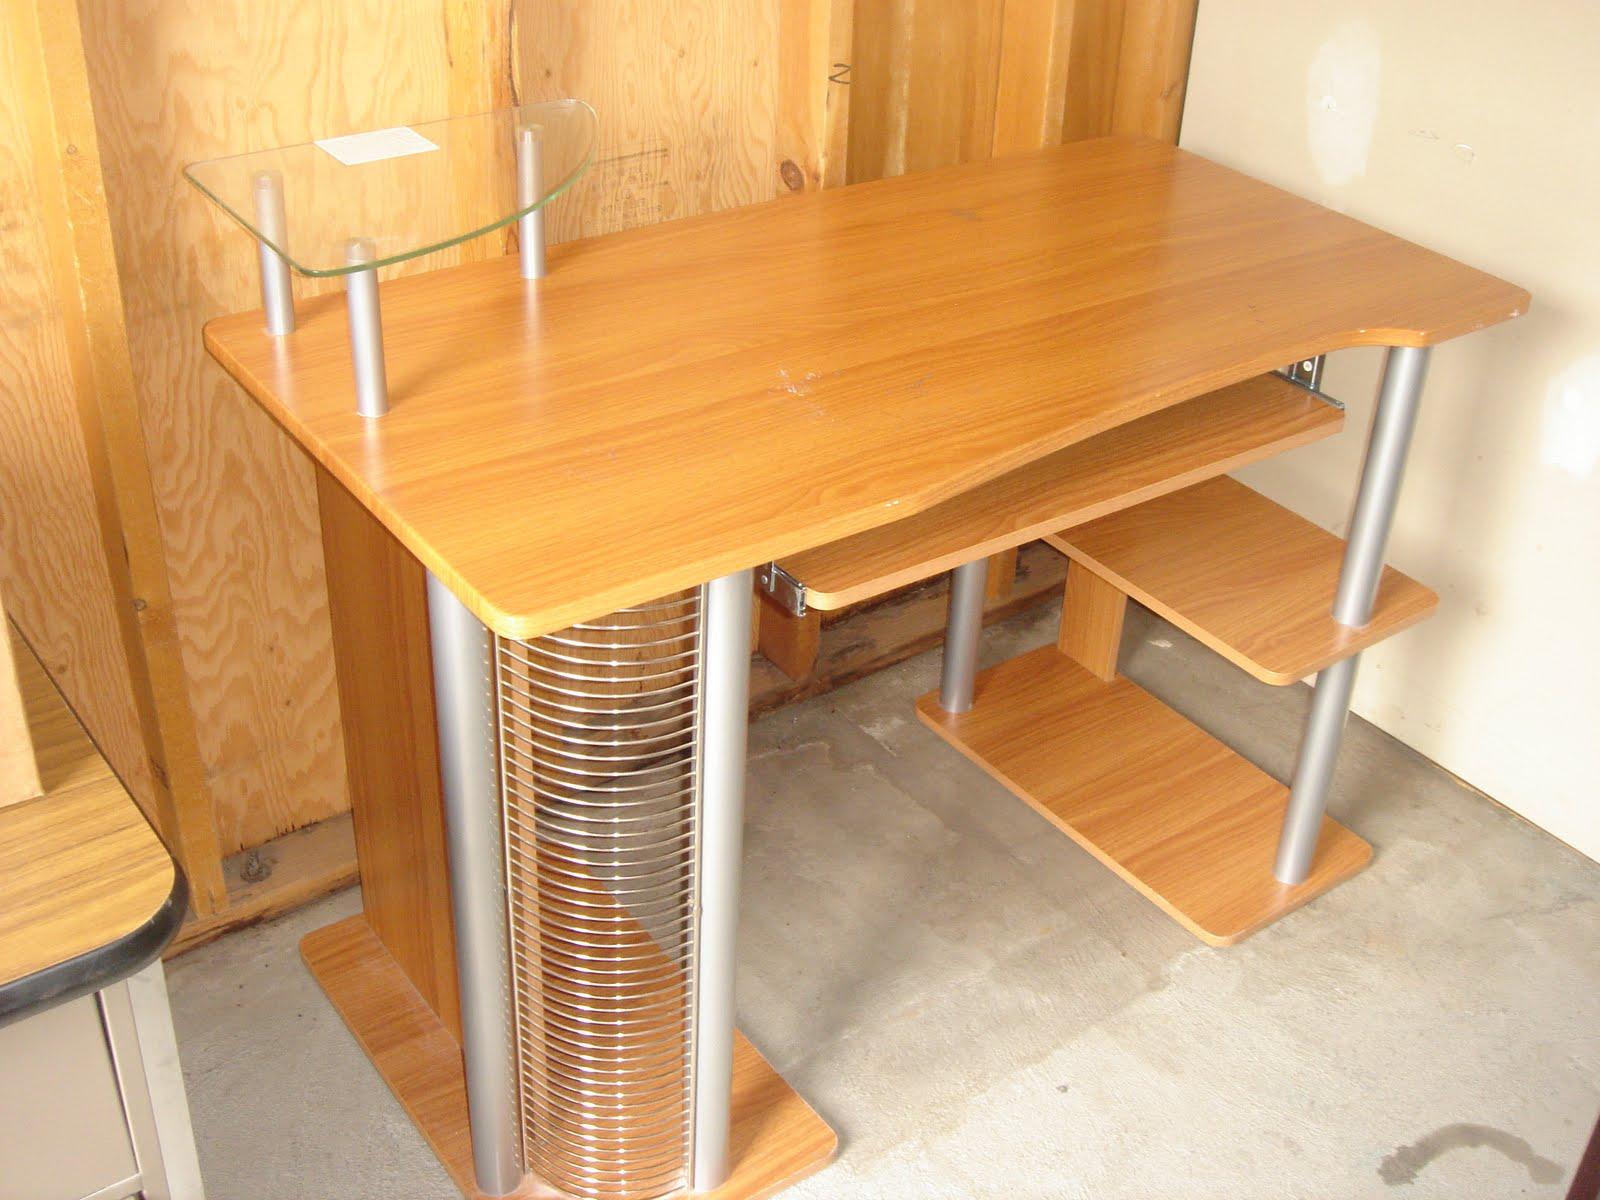 Online Yard Sale Computer Desk Cd Holder Glass Station 35 Rh  Craigslisttreasures Blogspot Com CD Storage